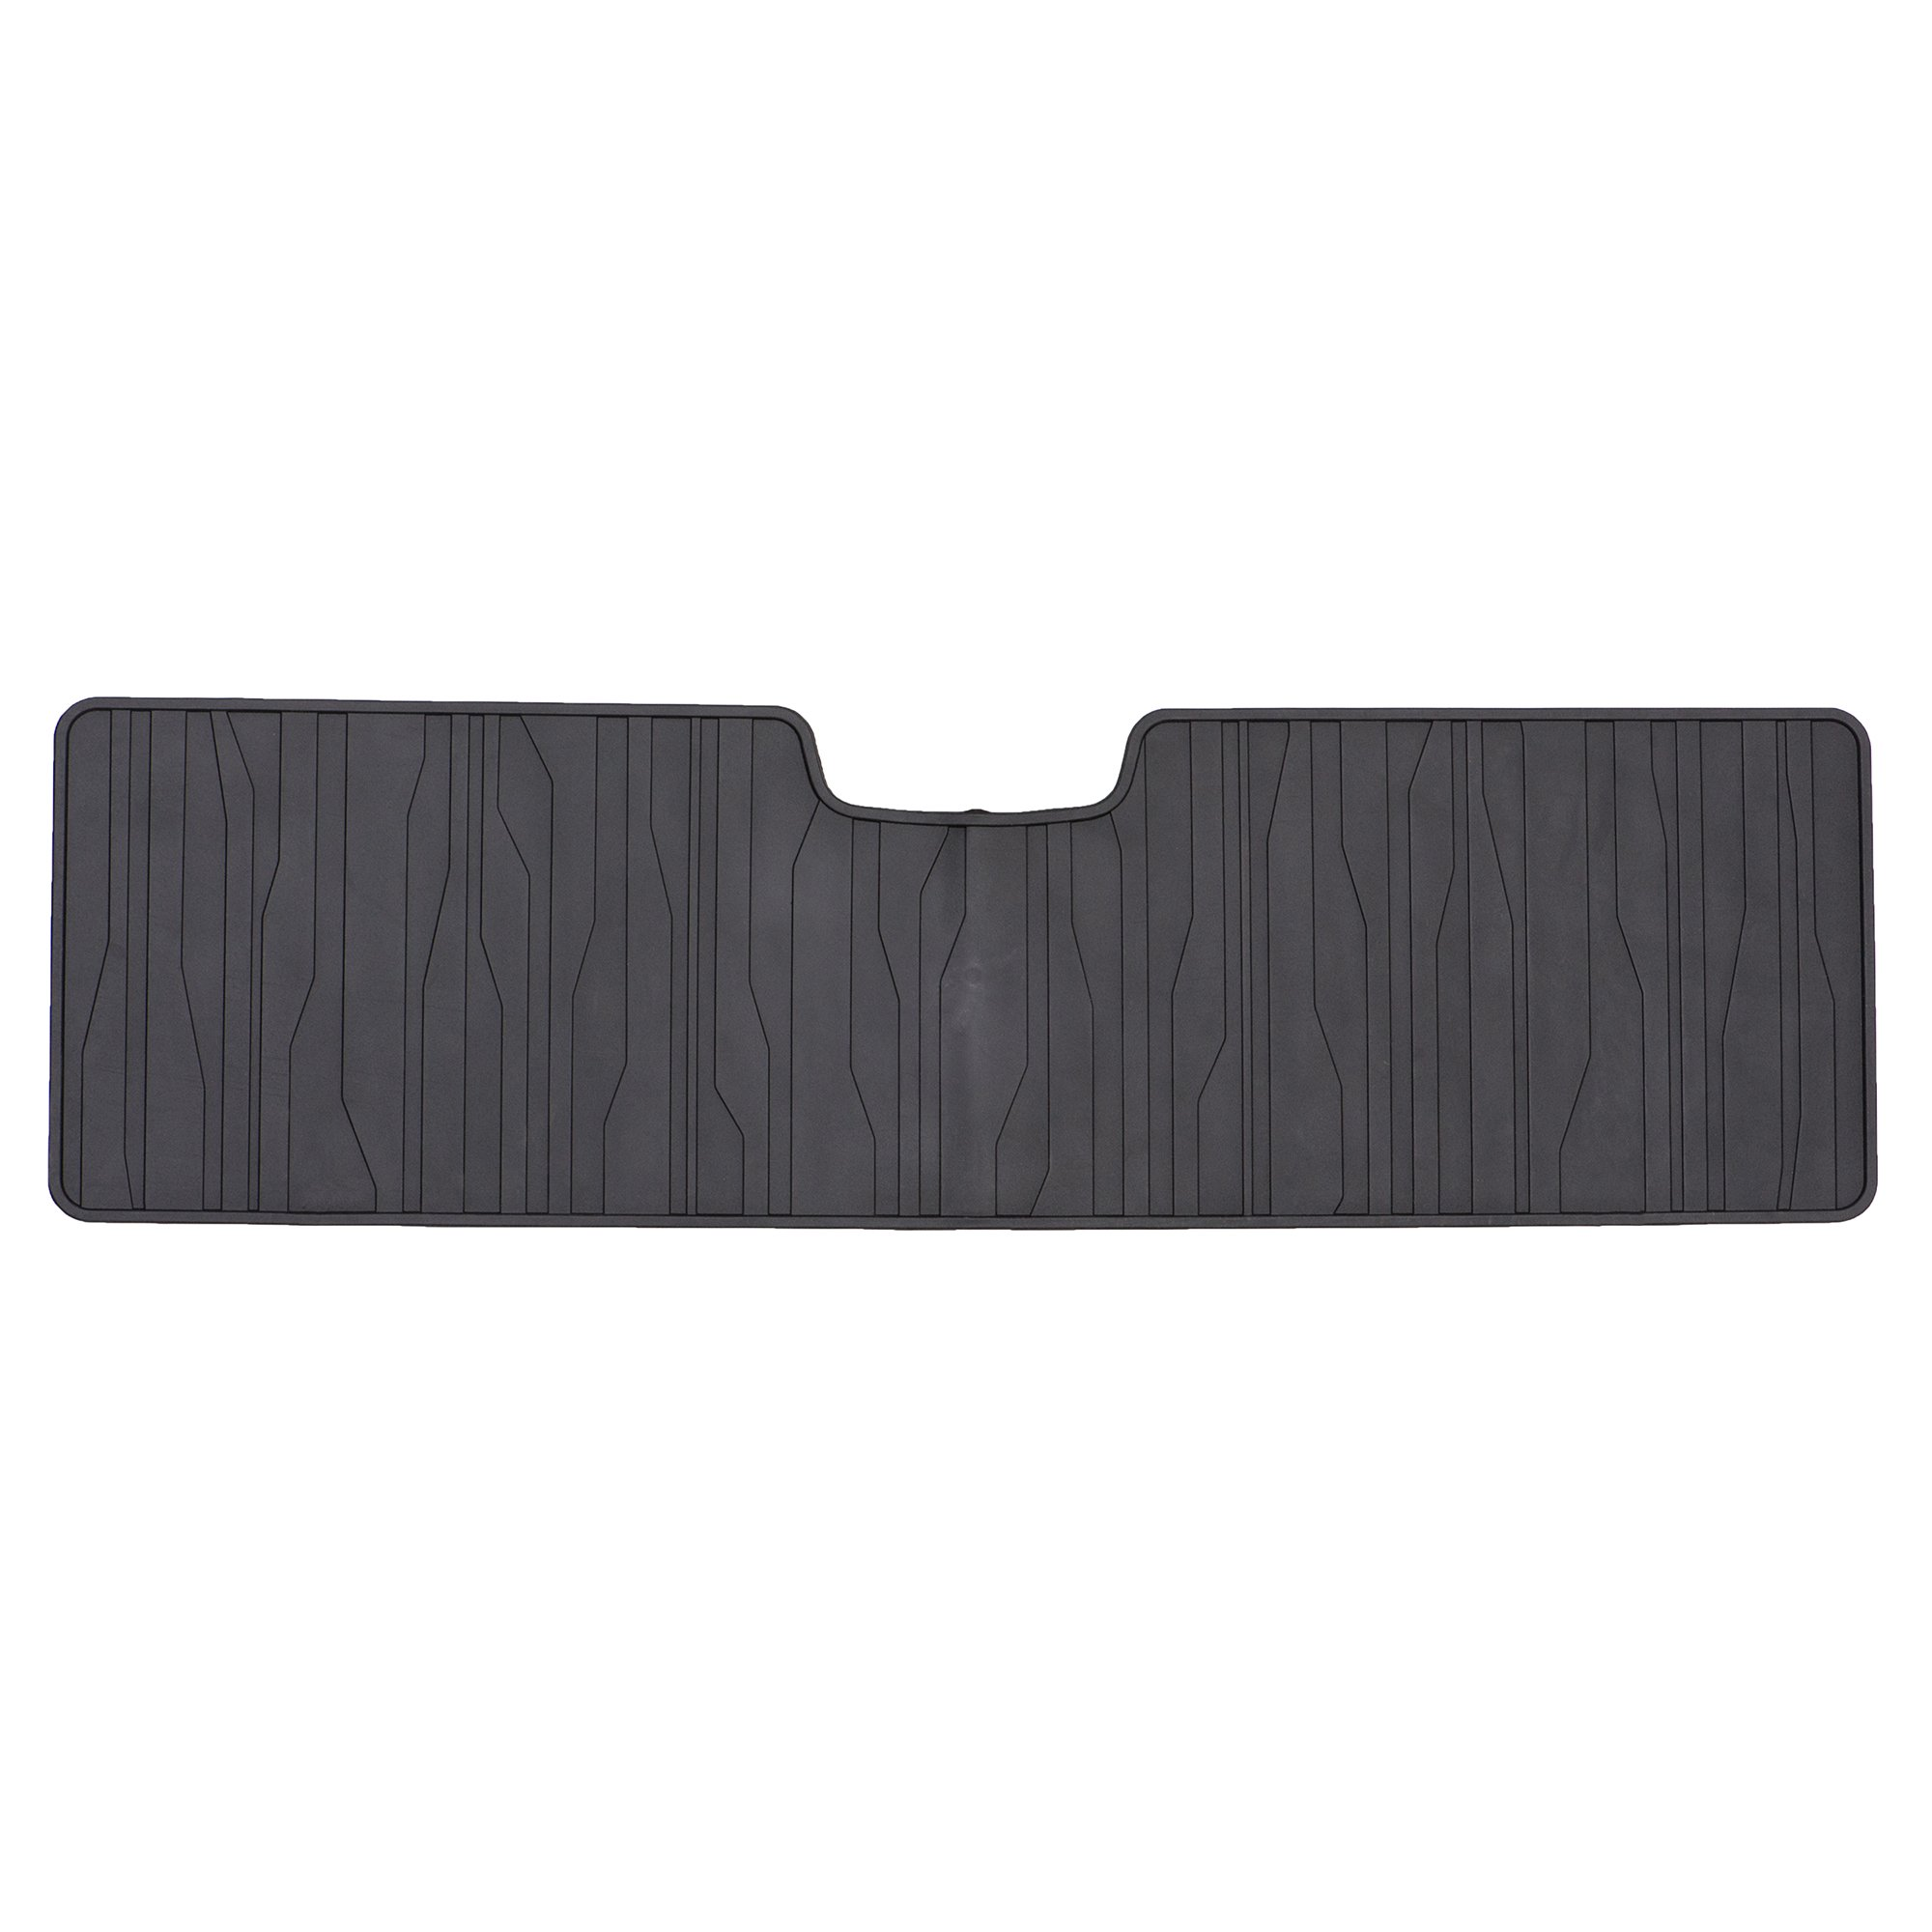 OEM NEW Rear All Weather Rubber Floor Mat w/GMC Logo 2018 Terrain 23323112